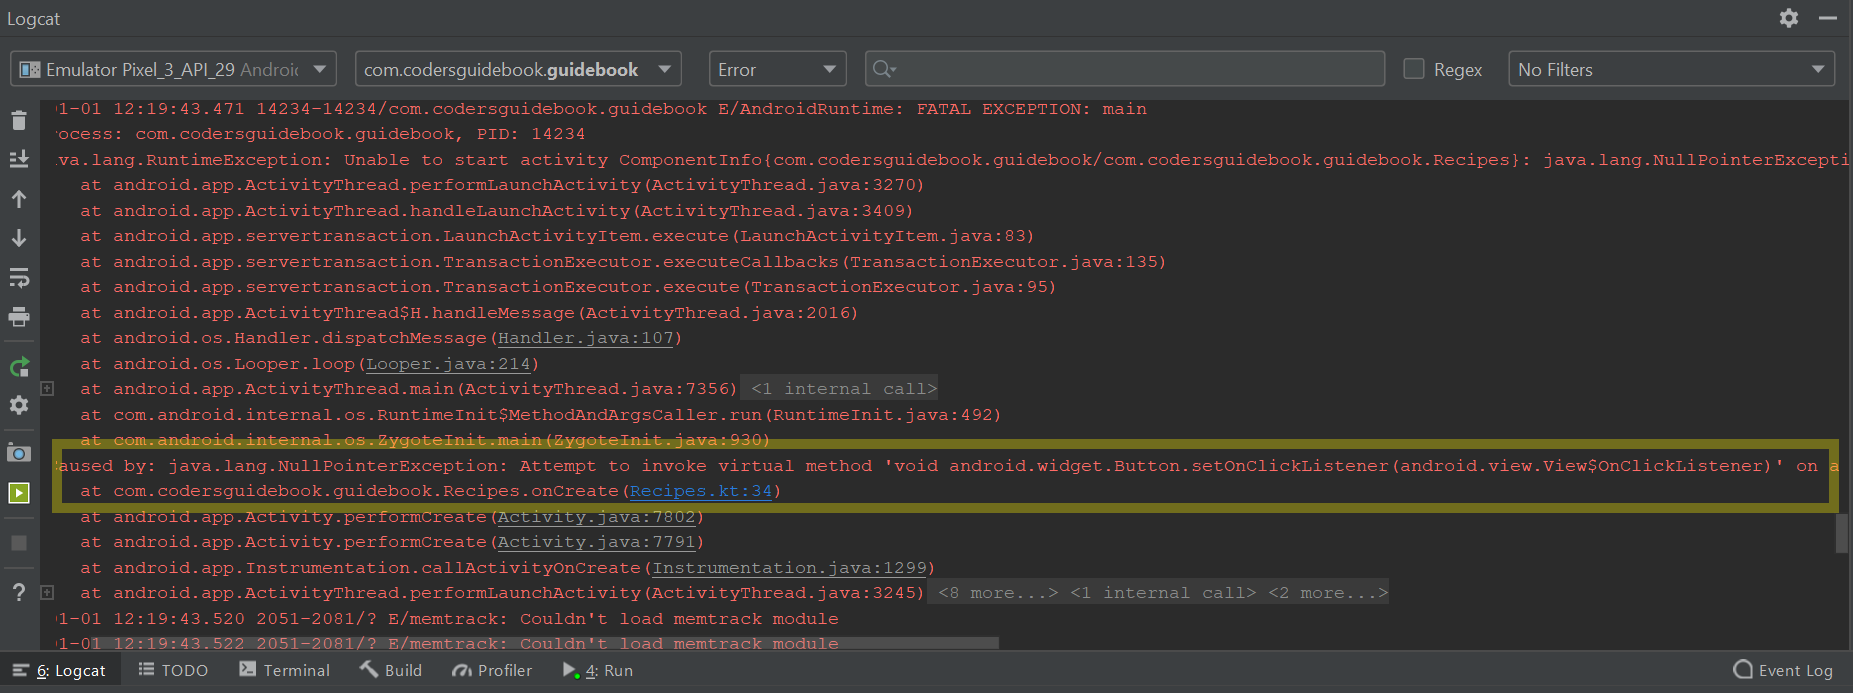 logcat-error-in-code.png